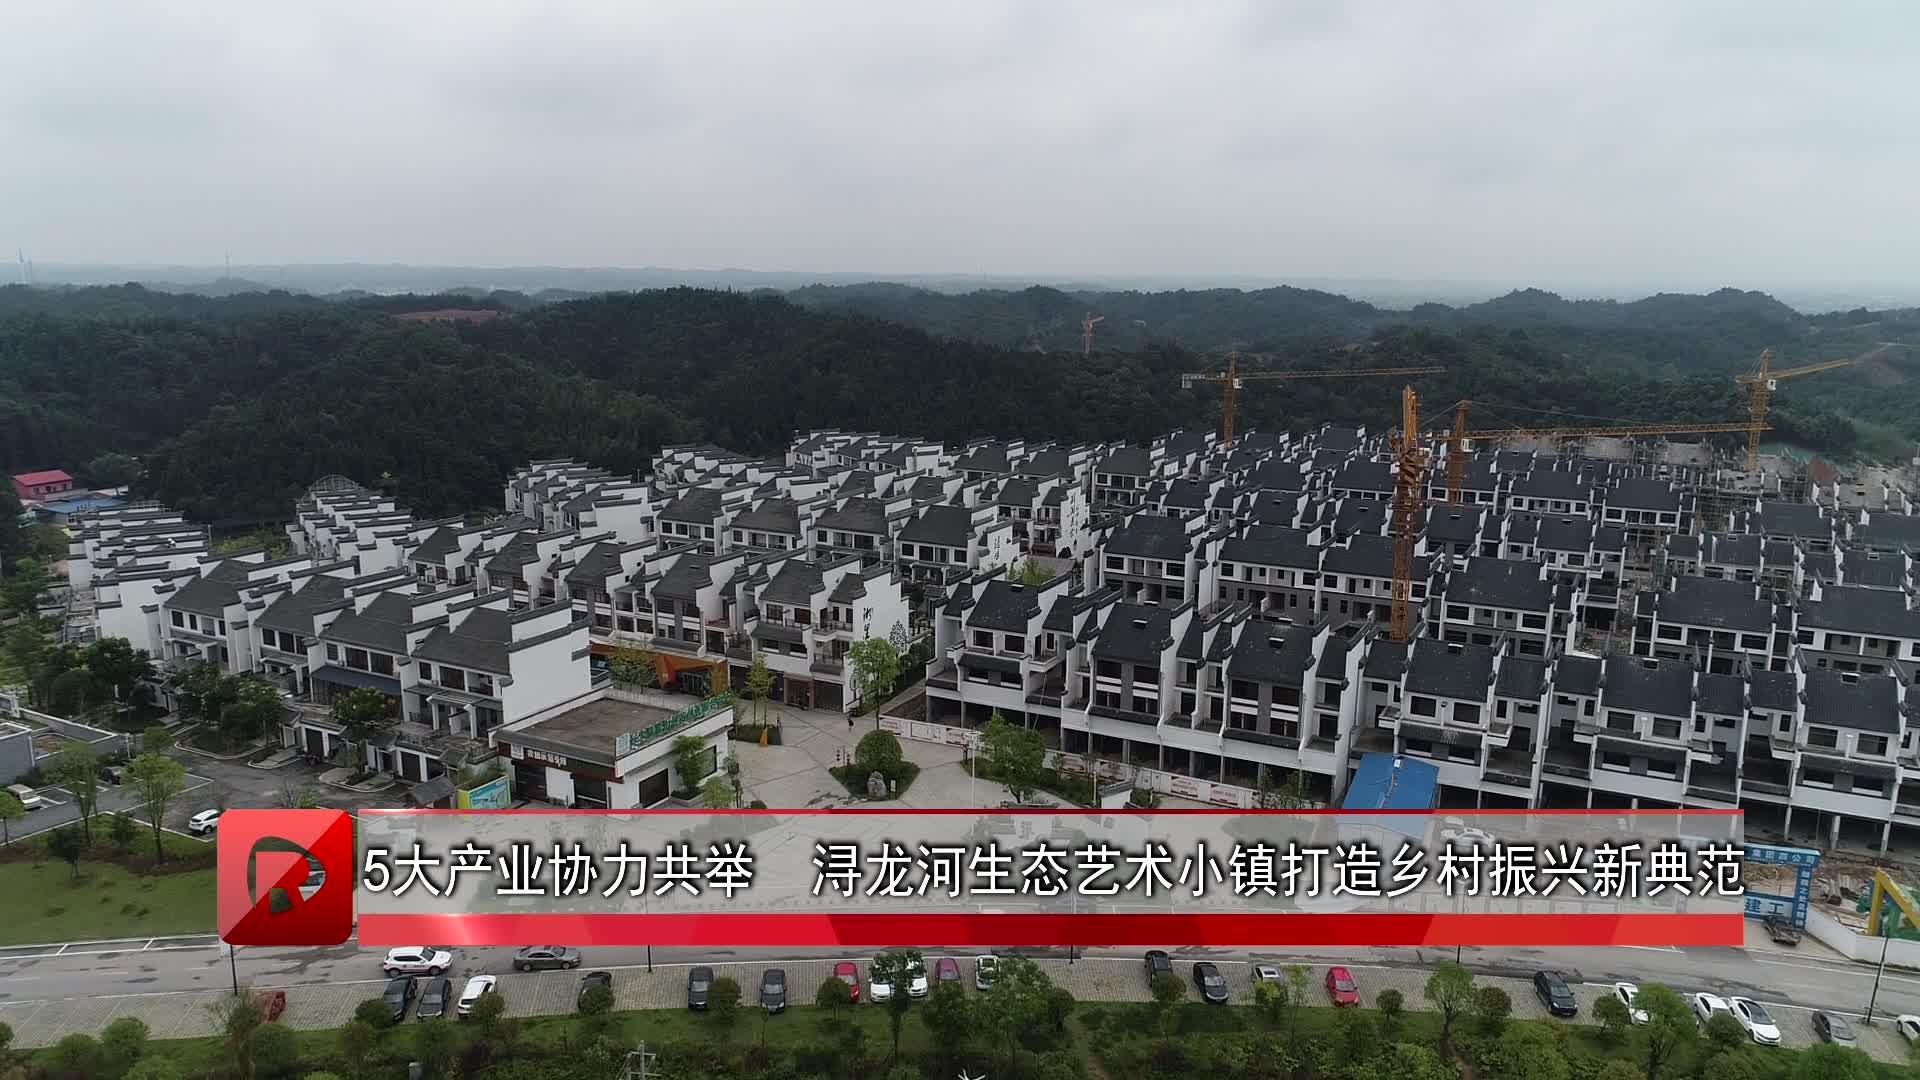 五大产业协力共举 浔龙河生态艺术小镇打造乡村振兴新典范